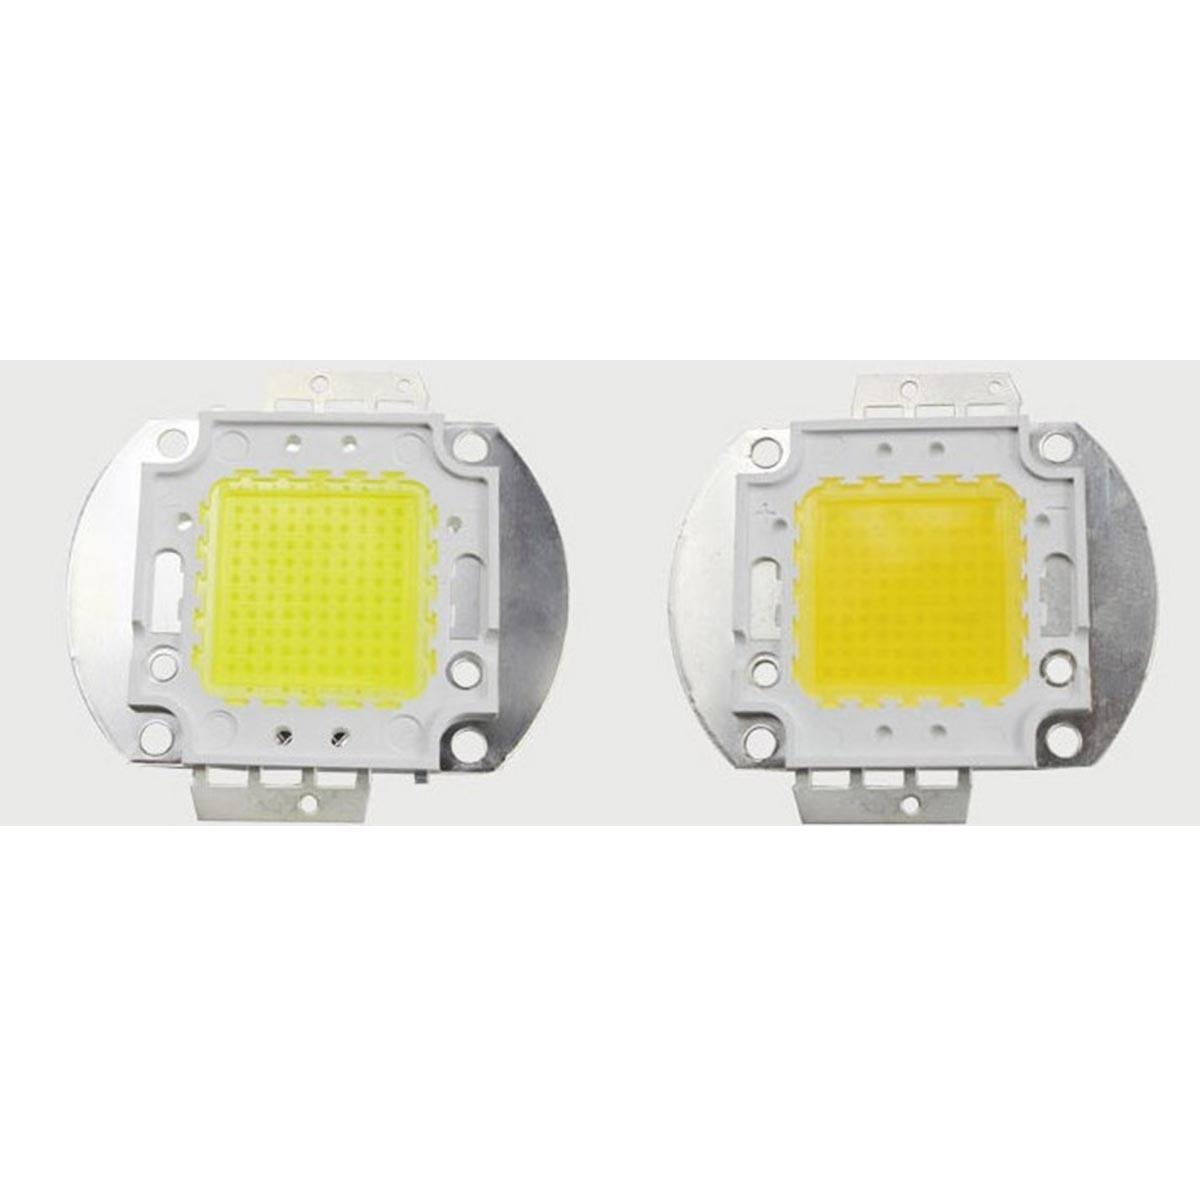 Warm Cold 10 W To 100 W Led Chip DC 12 V 36 V COB  LED Lamp Diodes DIY Schijnwerper Spotlight Lamp